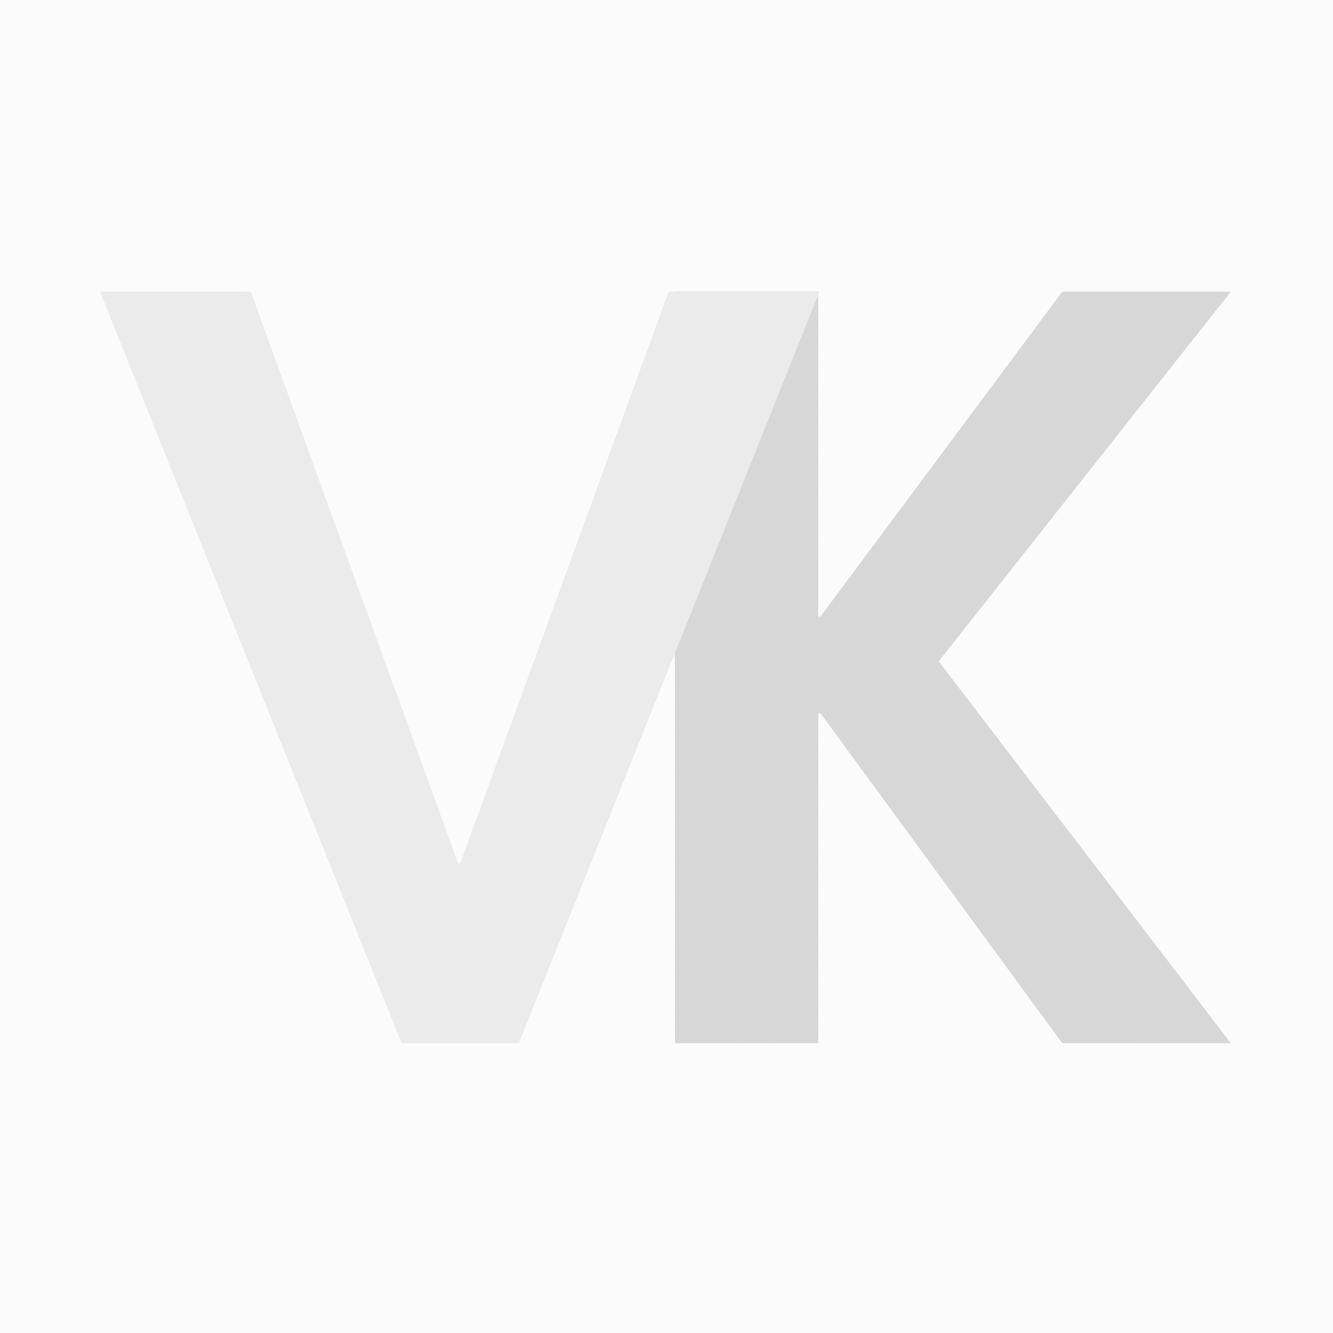 Kyone 660 Kappersschaar 5.0